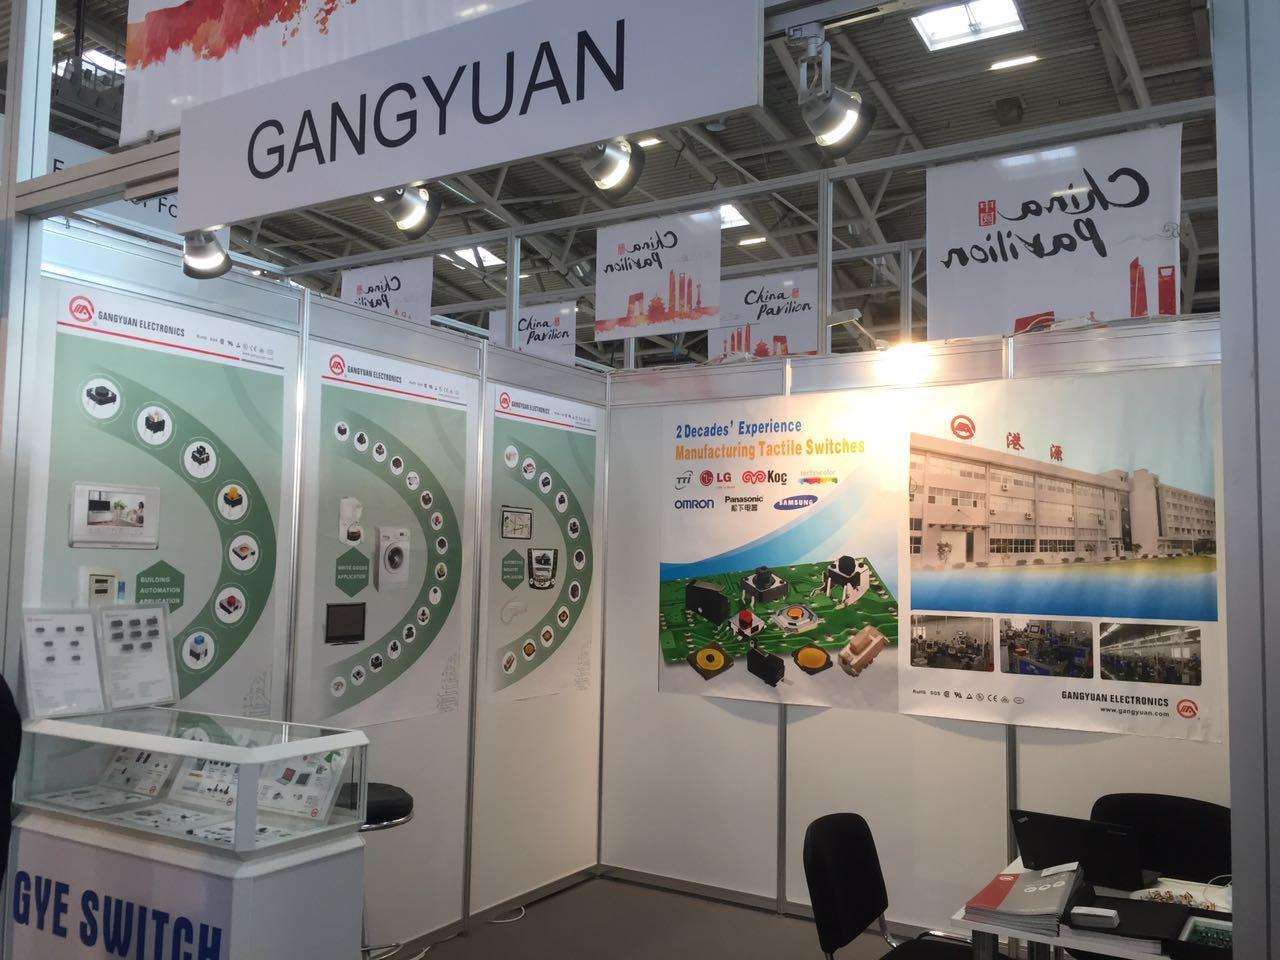 港源电子参加2016年德国慕尼黑电子元器件、材料及生产设备展